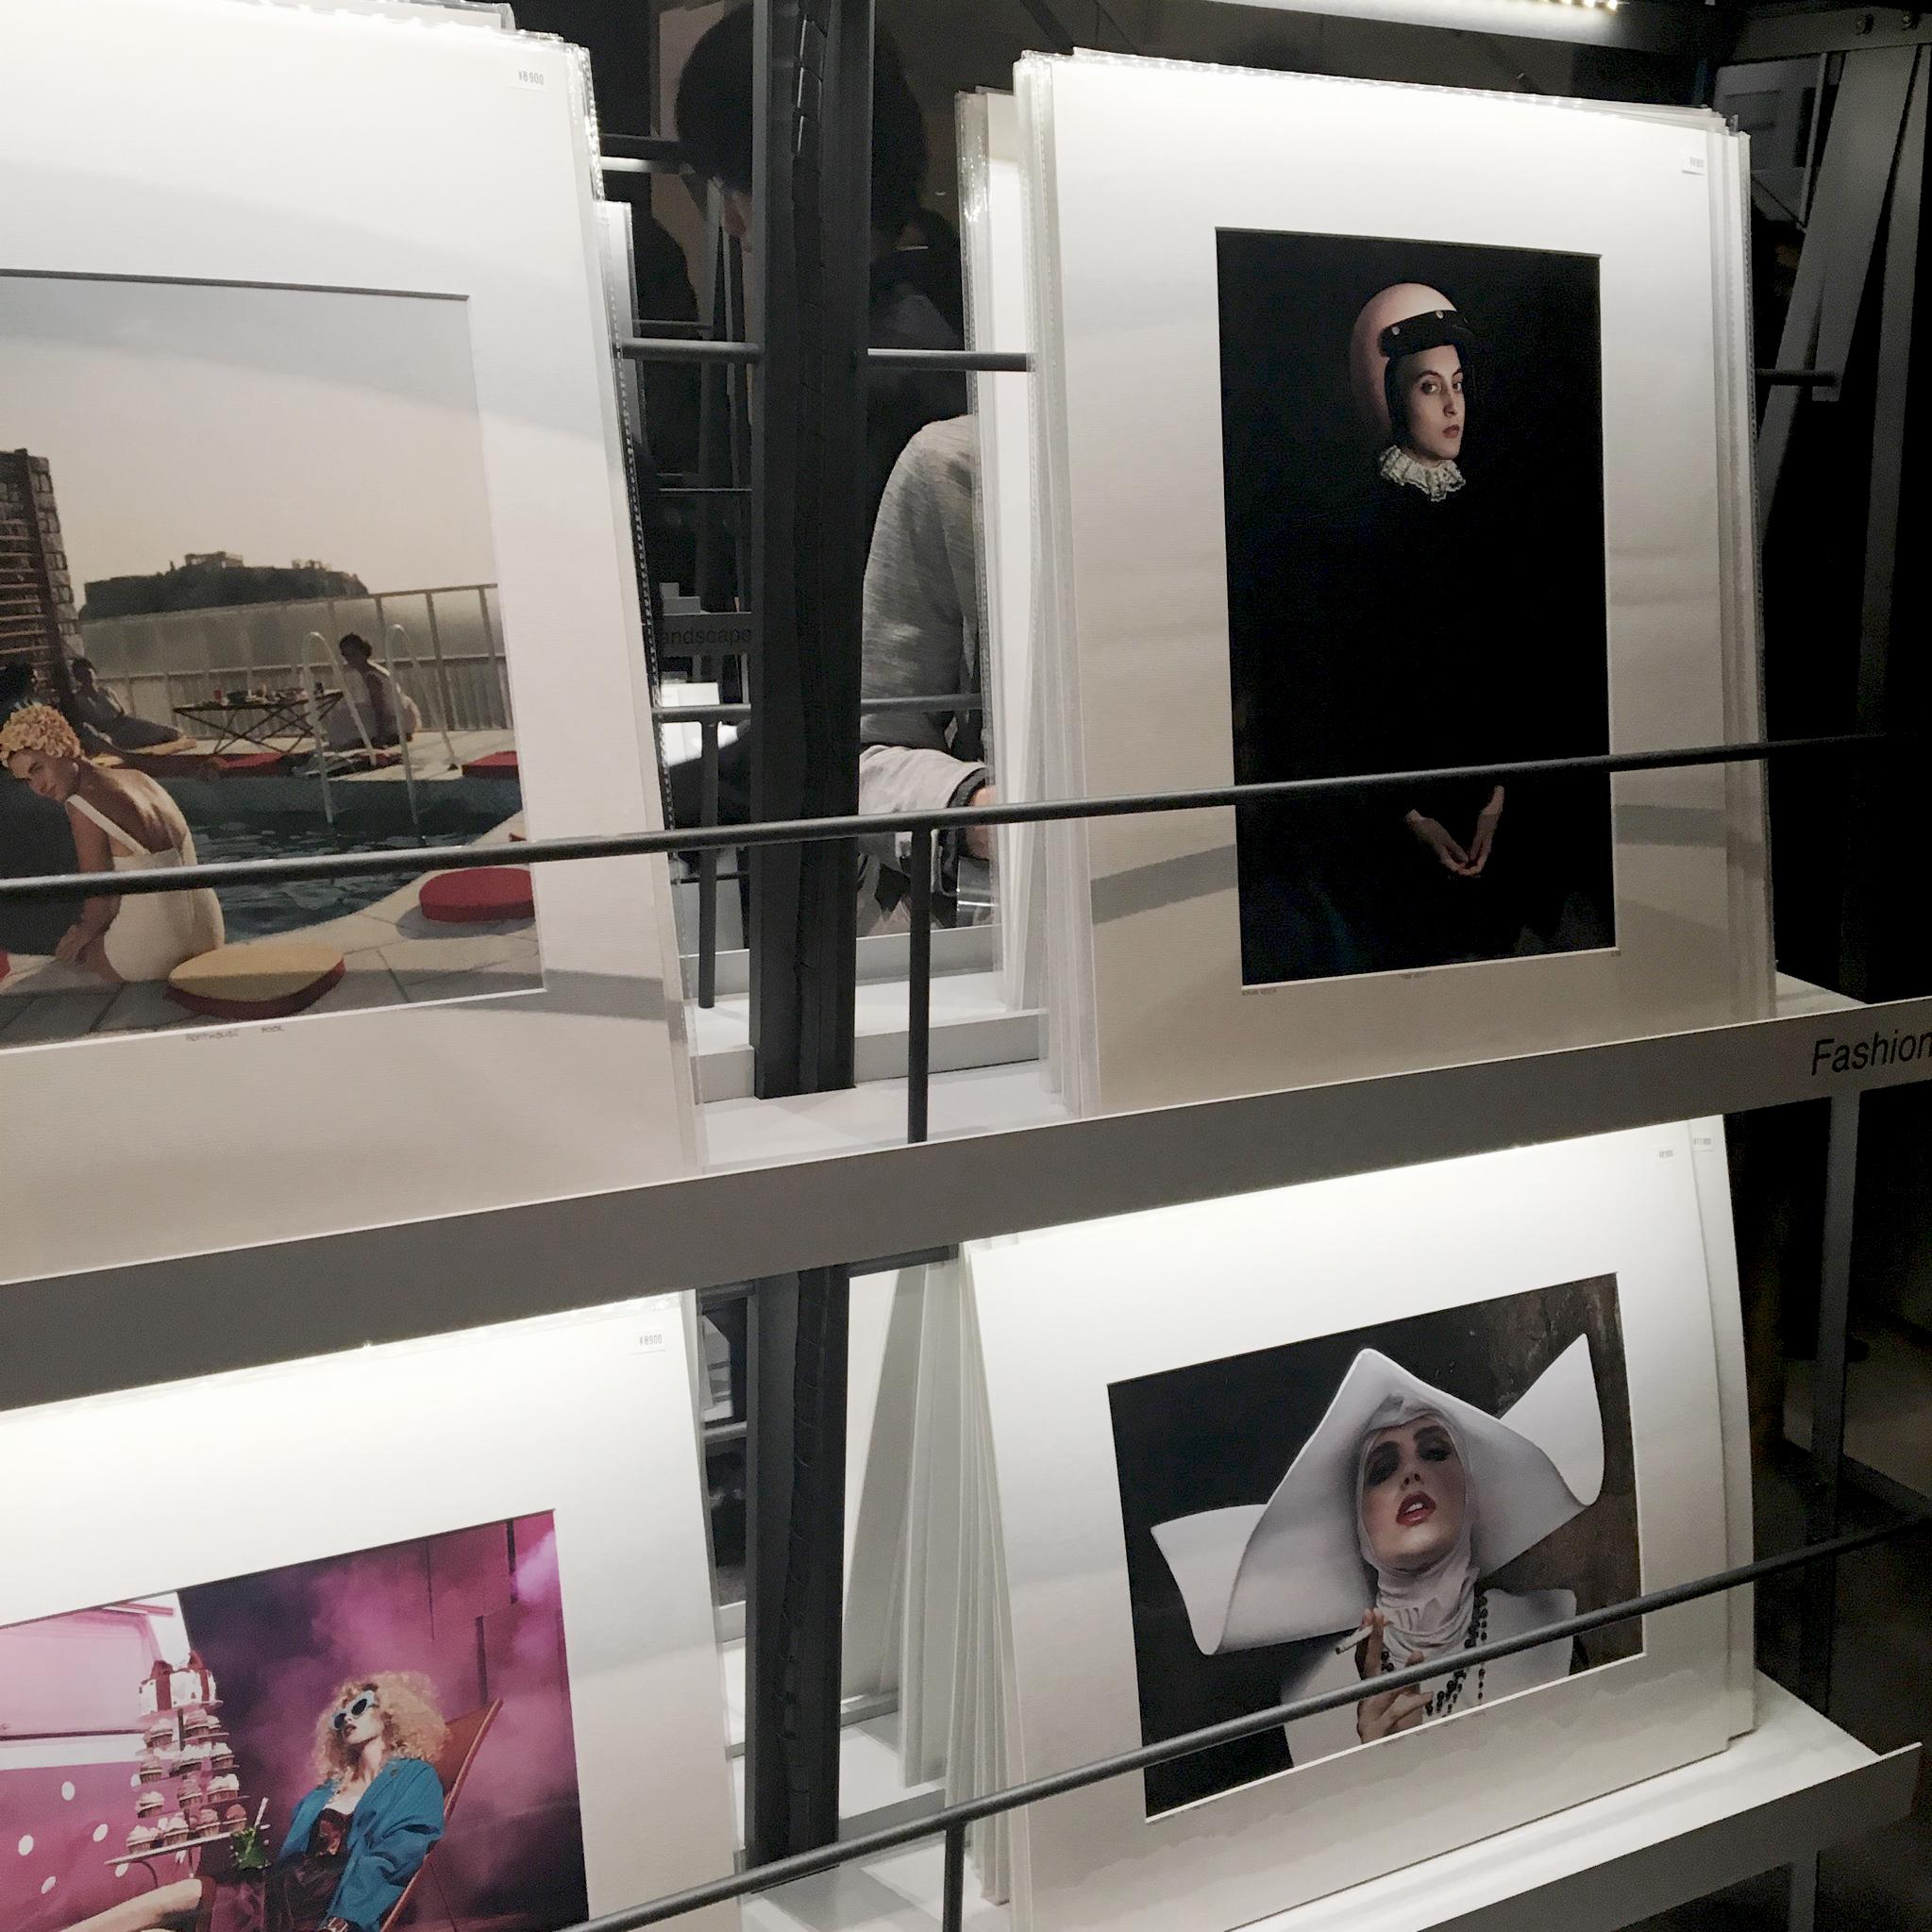 アートフォトのある暮らし。レコードを選ぶようにお気に入りのアートフォトを見つけるお店 #YELLOWKORNER#YKJP